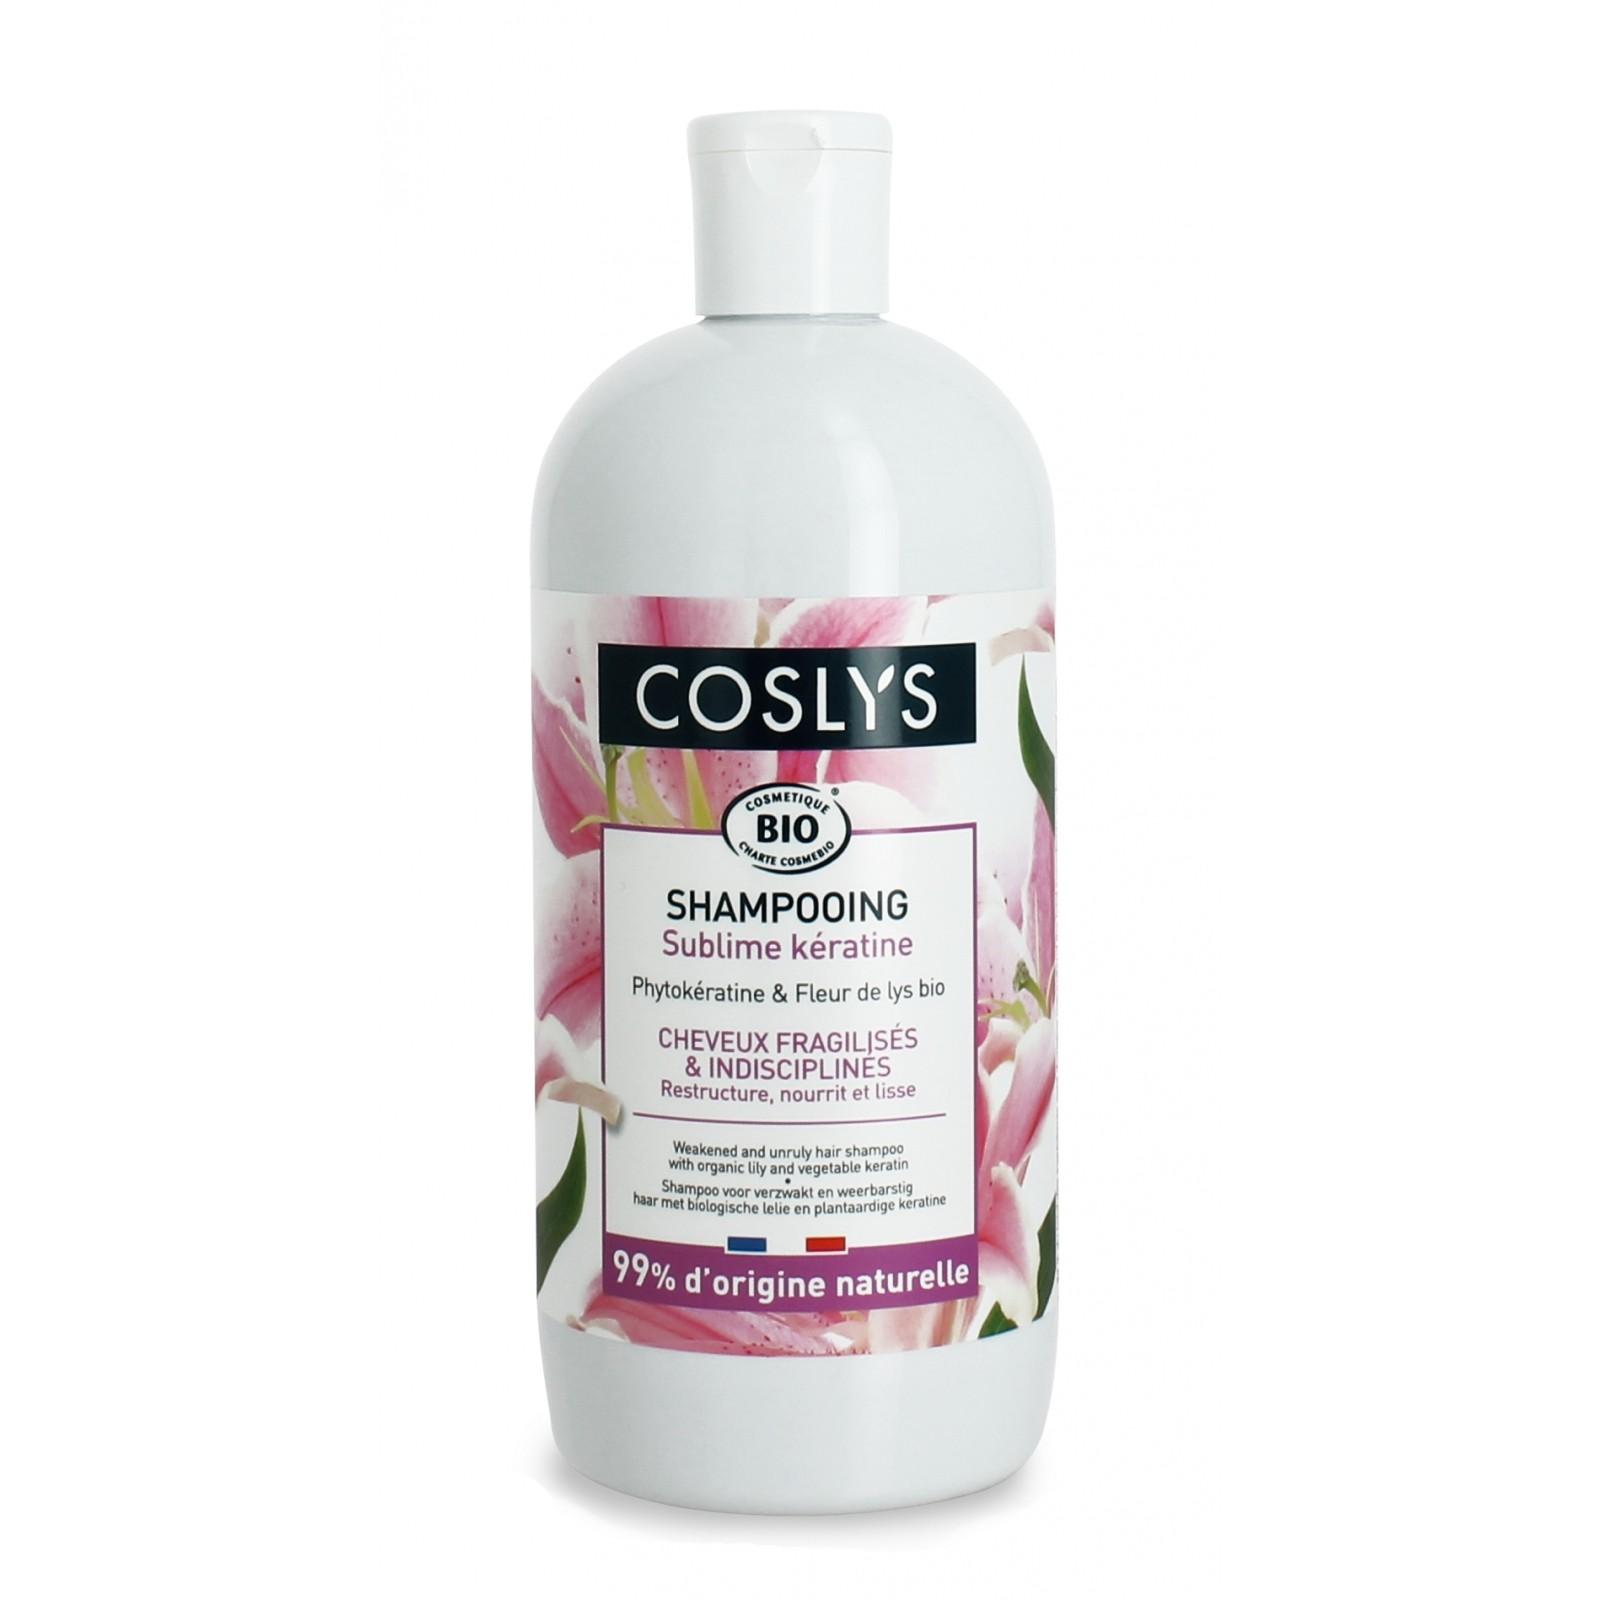 COSLYS Shampoing cheveux fragilisés et indisciplinés BIO - 500 ml